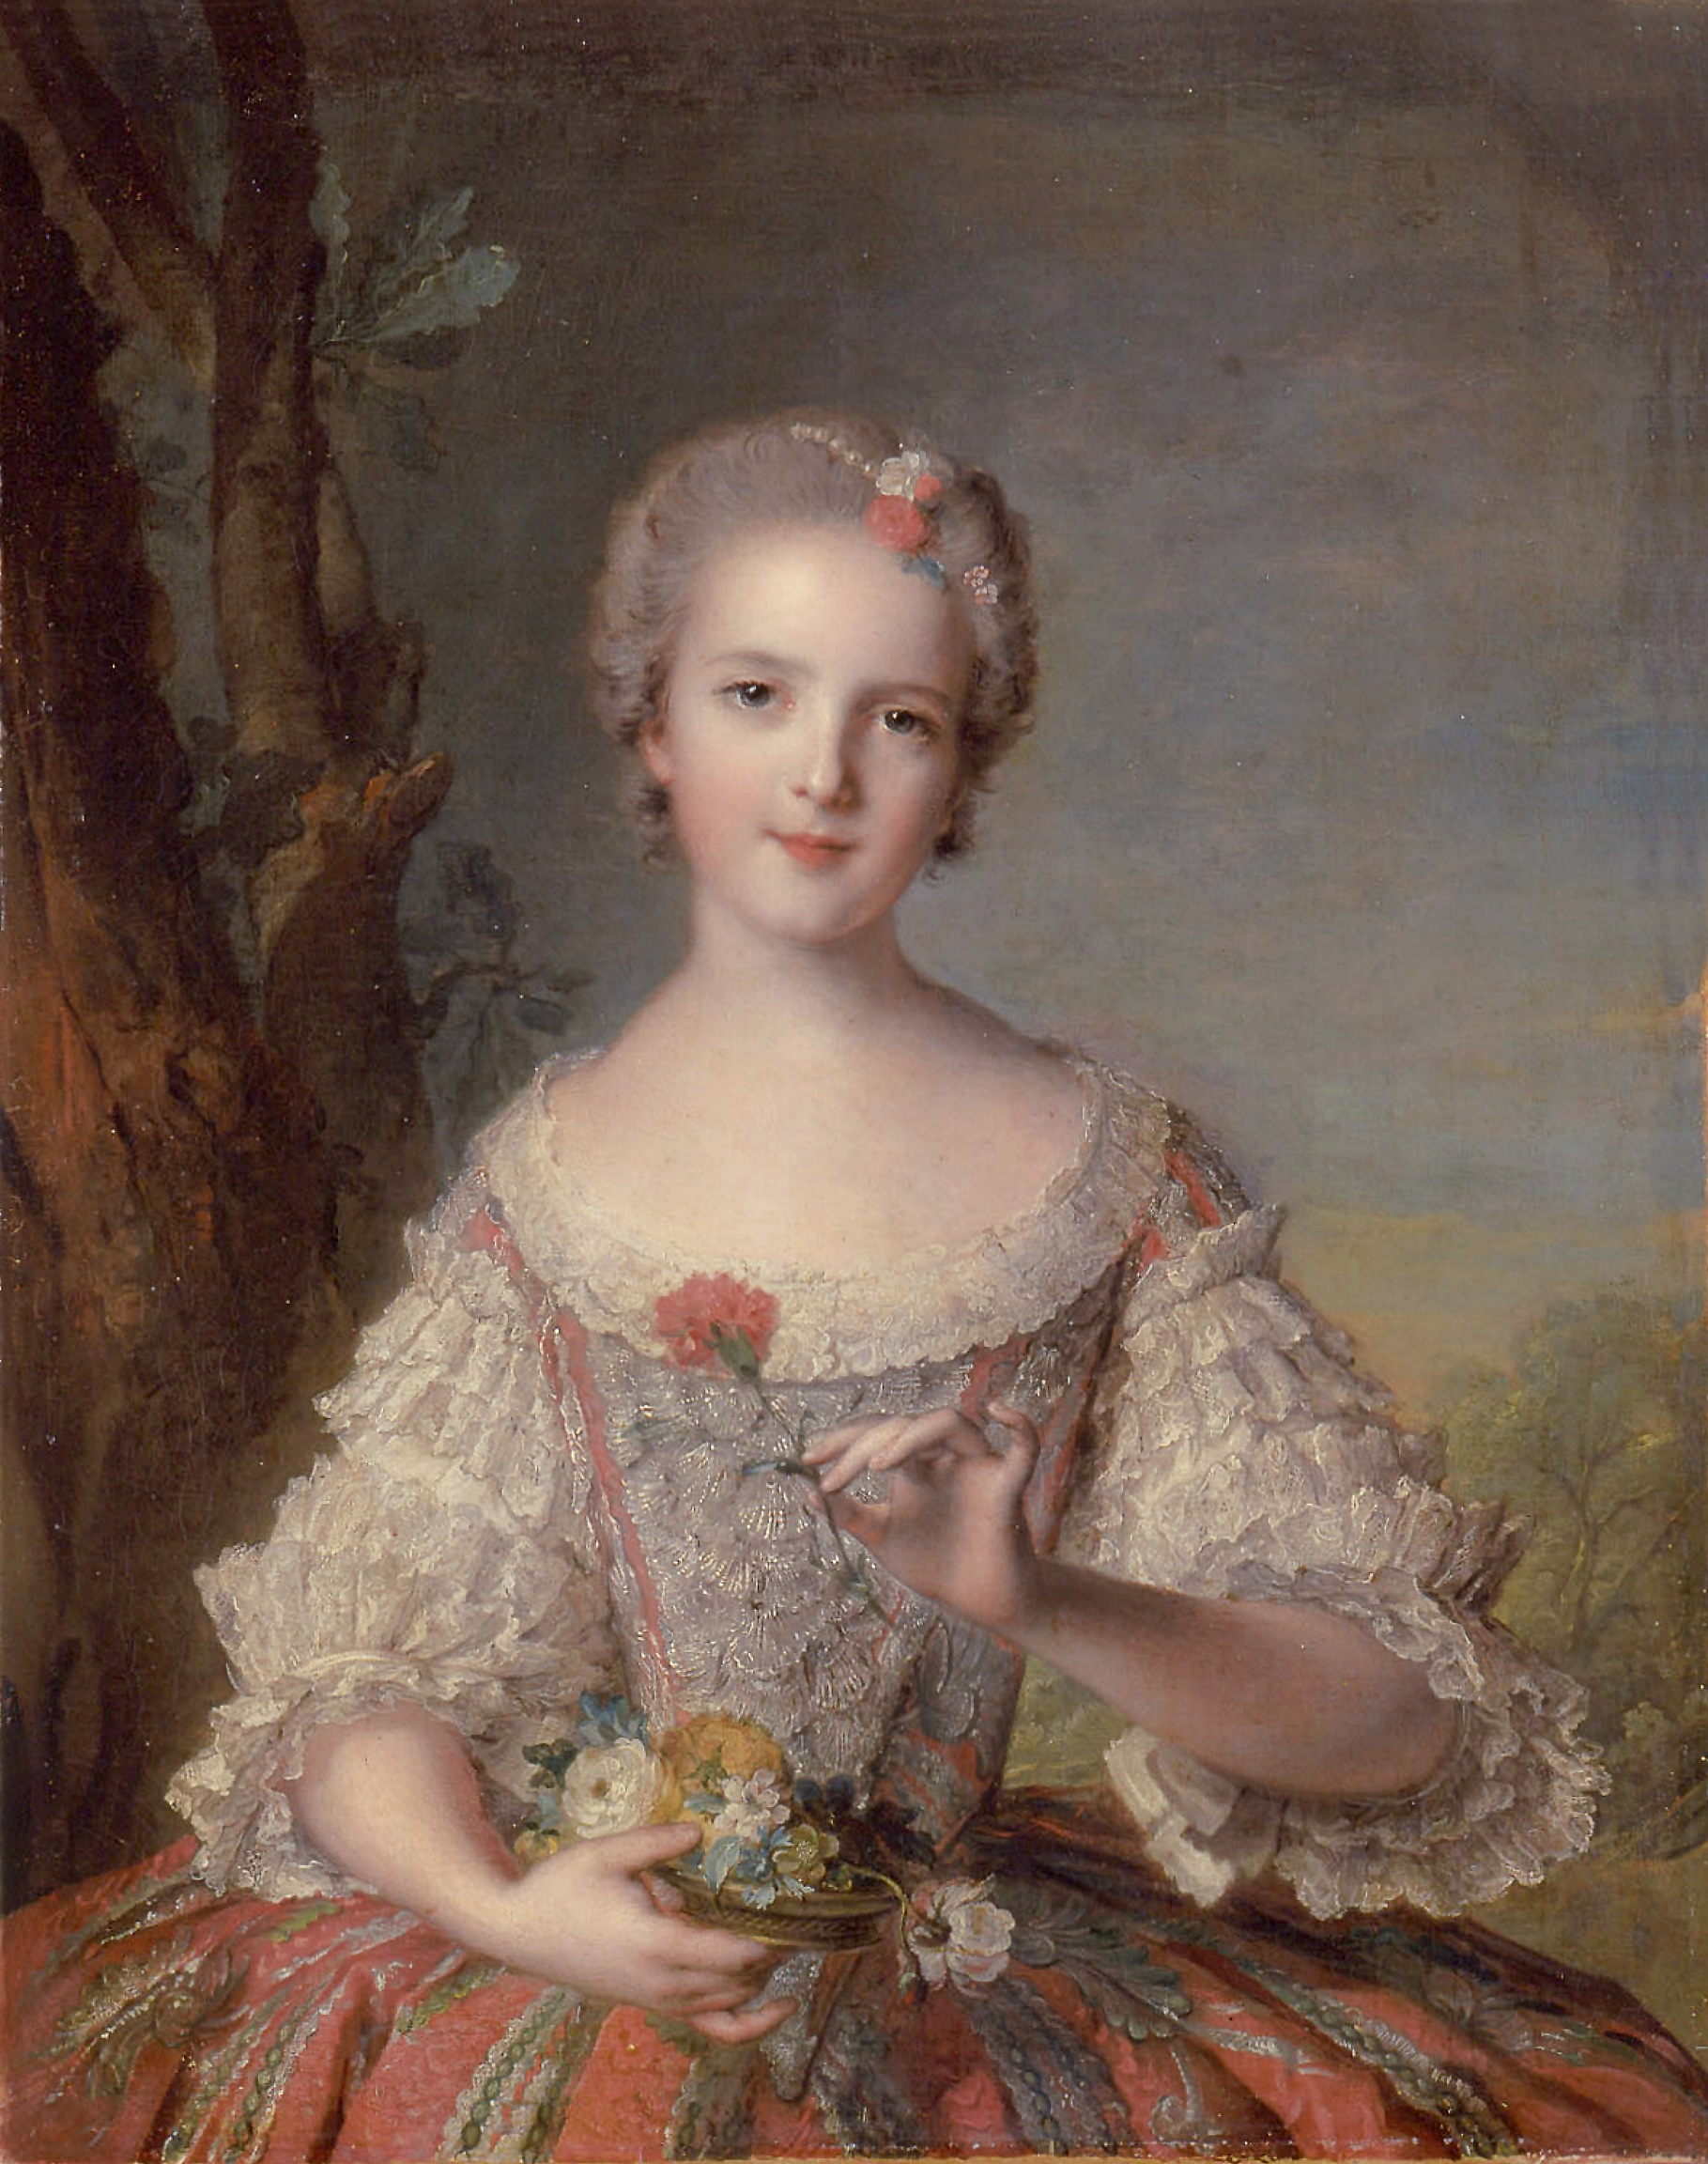 madame_louise_de_france_1748_by_jean-marc_nattier.jpg